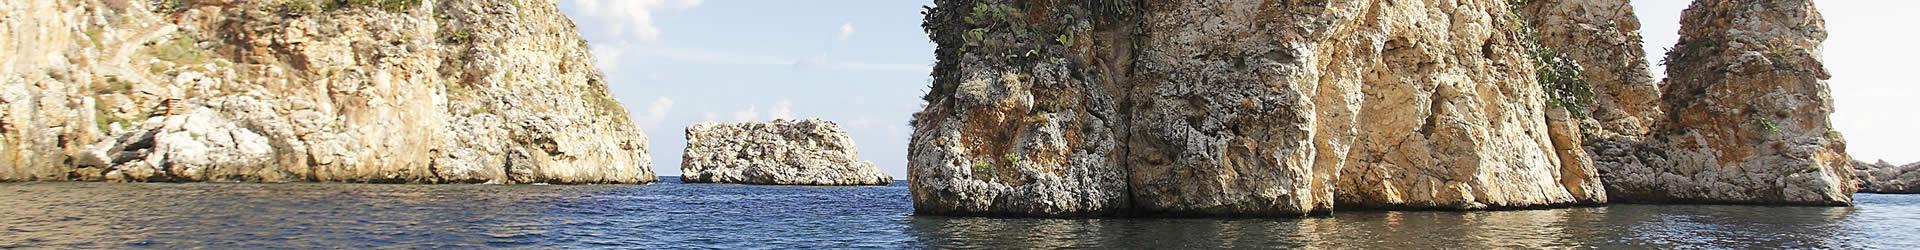 Sicily islands villas